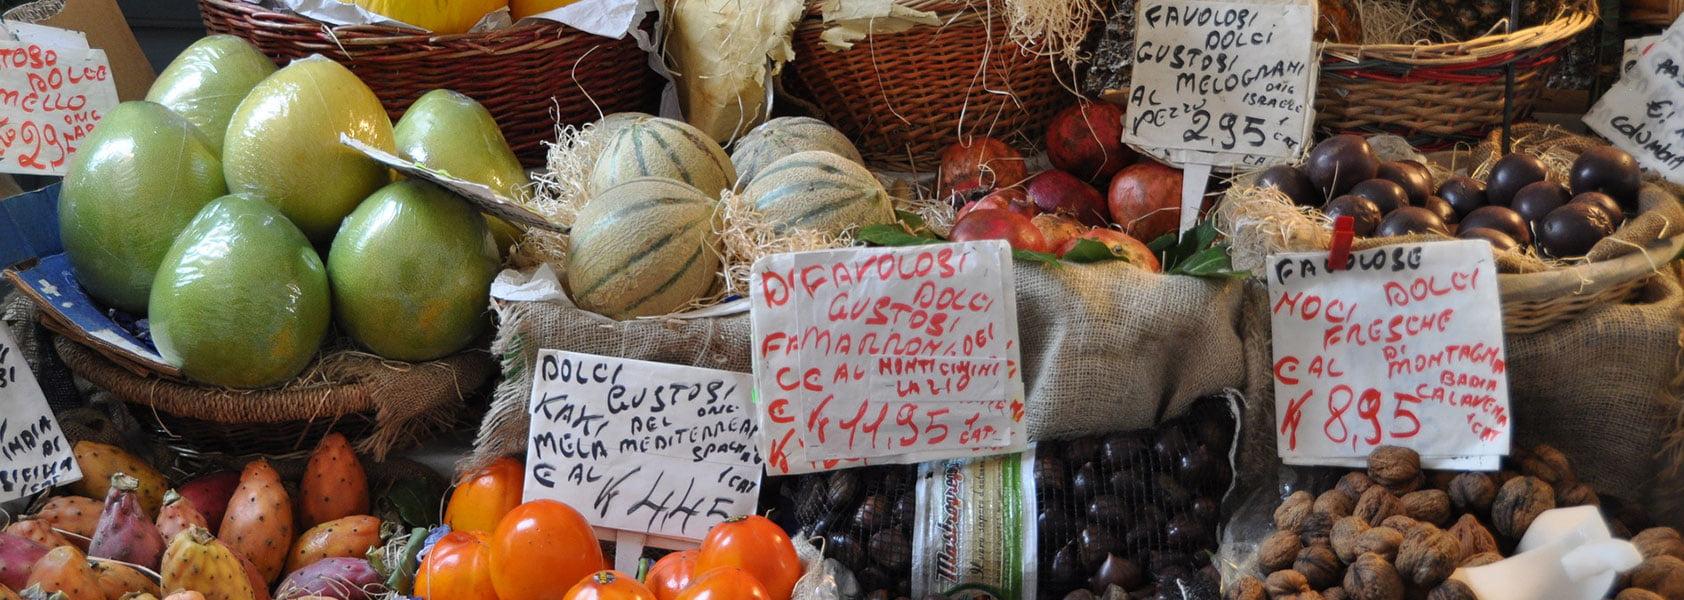 Italië | Ontdekkingstocht door de Italiaanse keuken